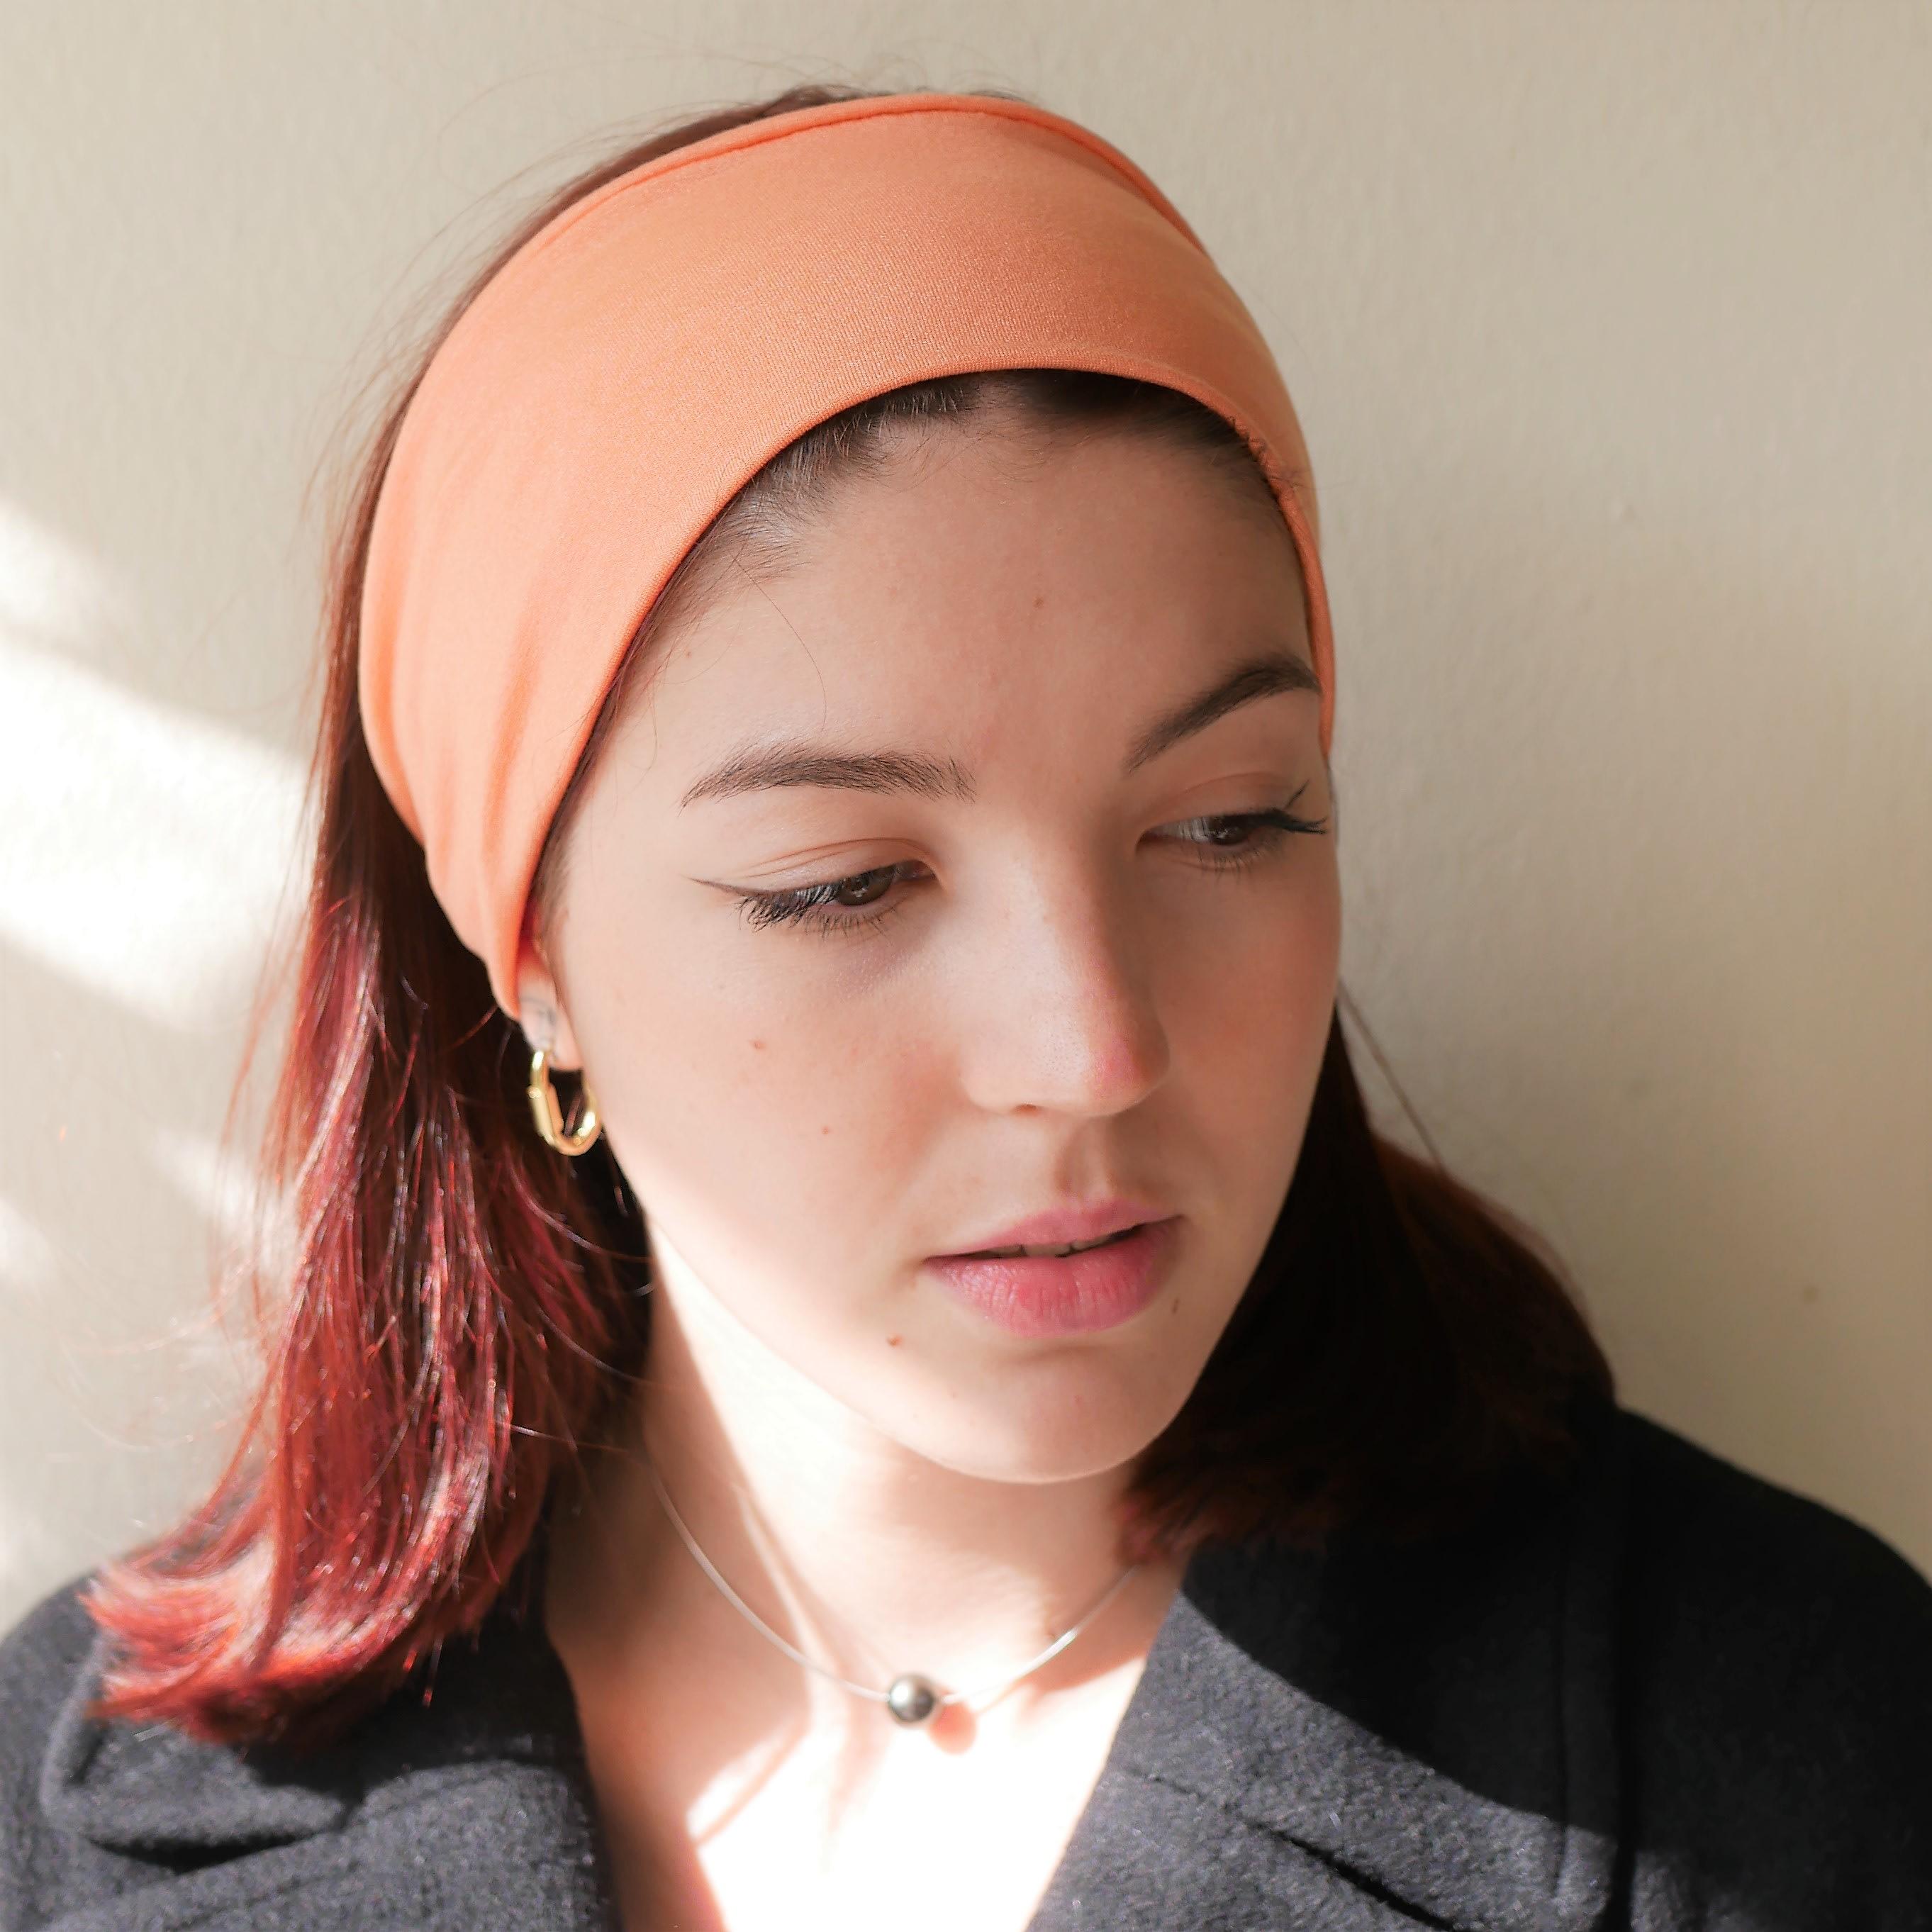 Double twist light orange headband, wide headband, turban headband, yoga headband, workout headband